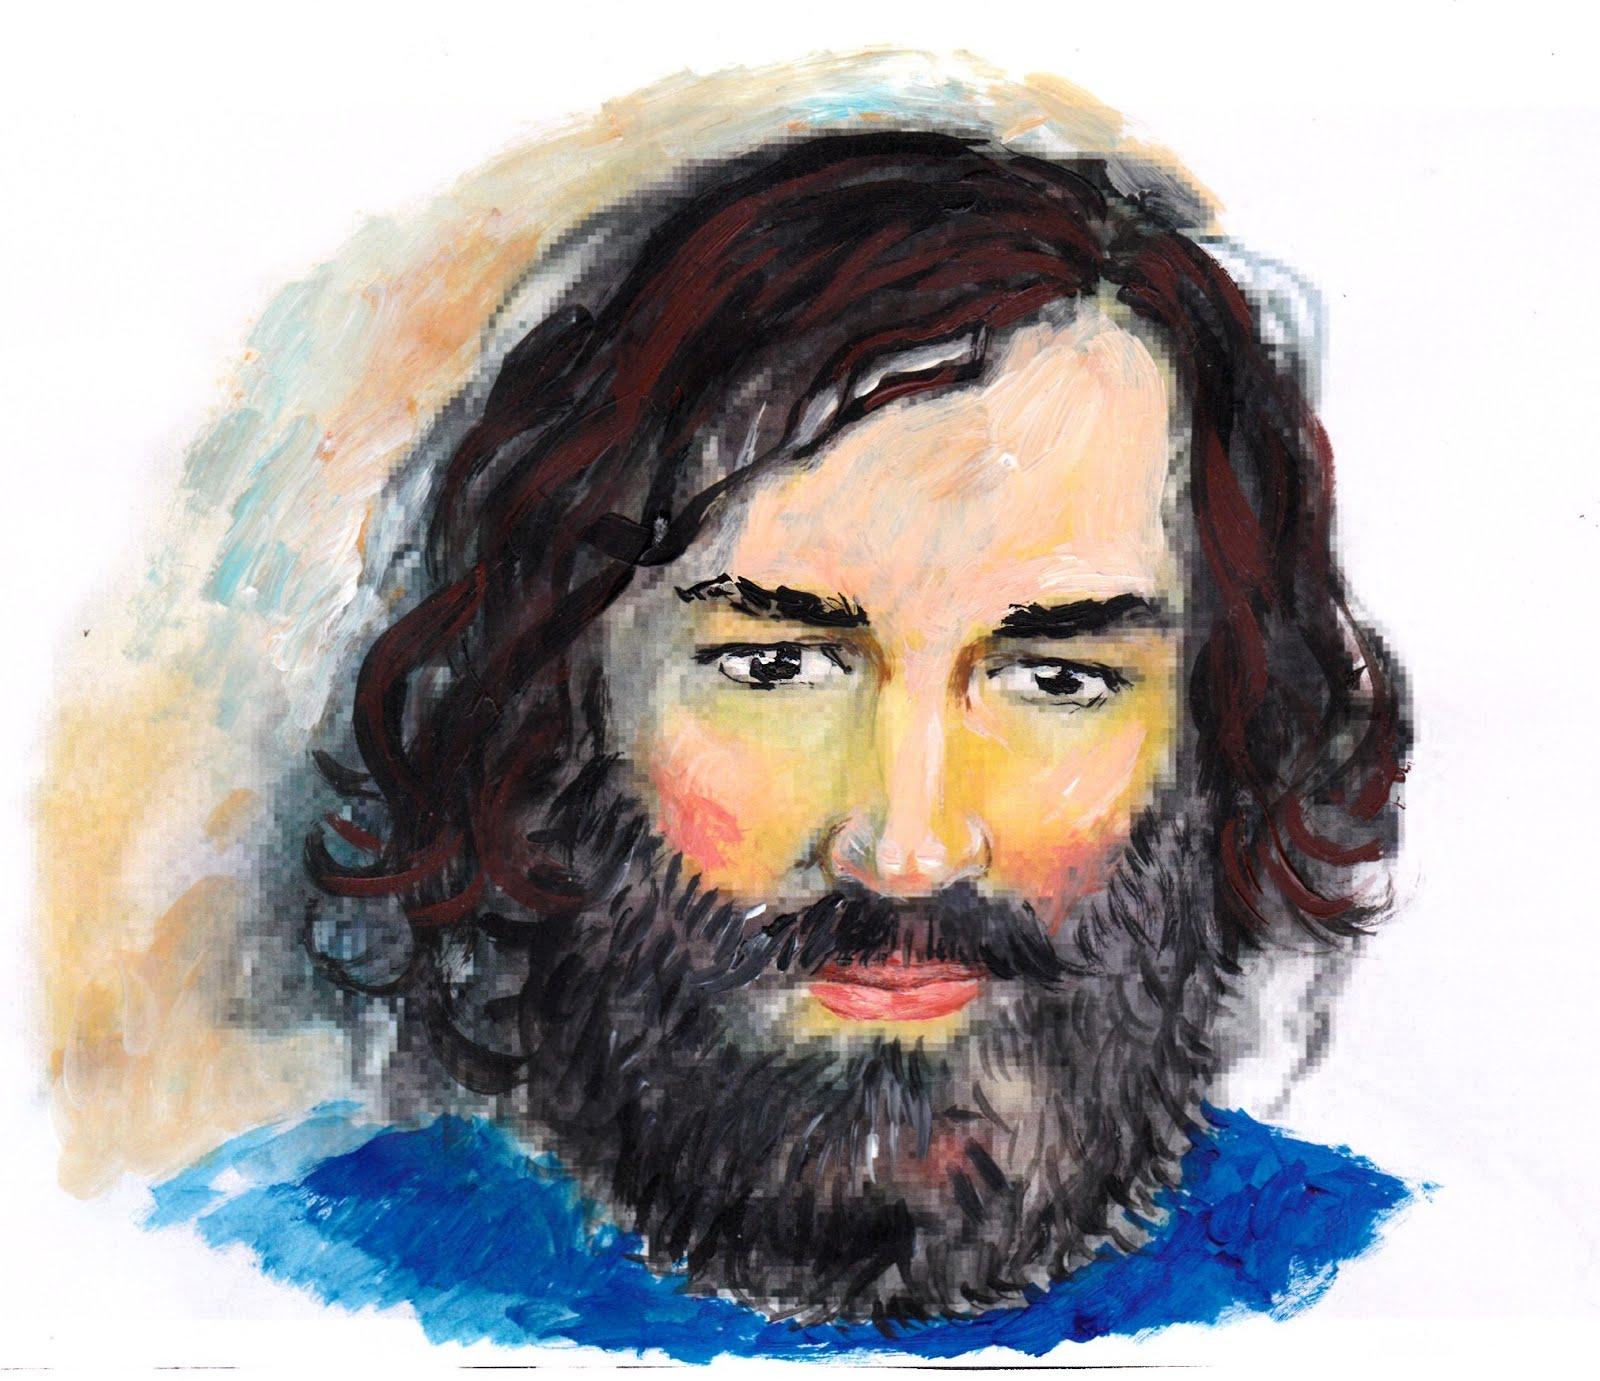 Giuseppe D'Ambrosio Angelillo